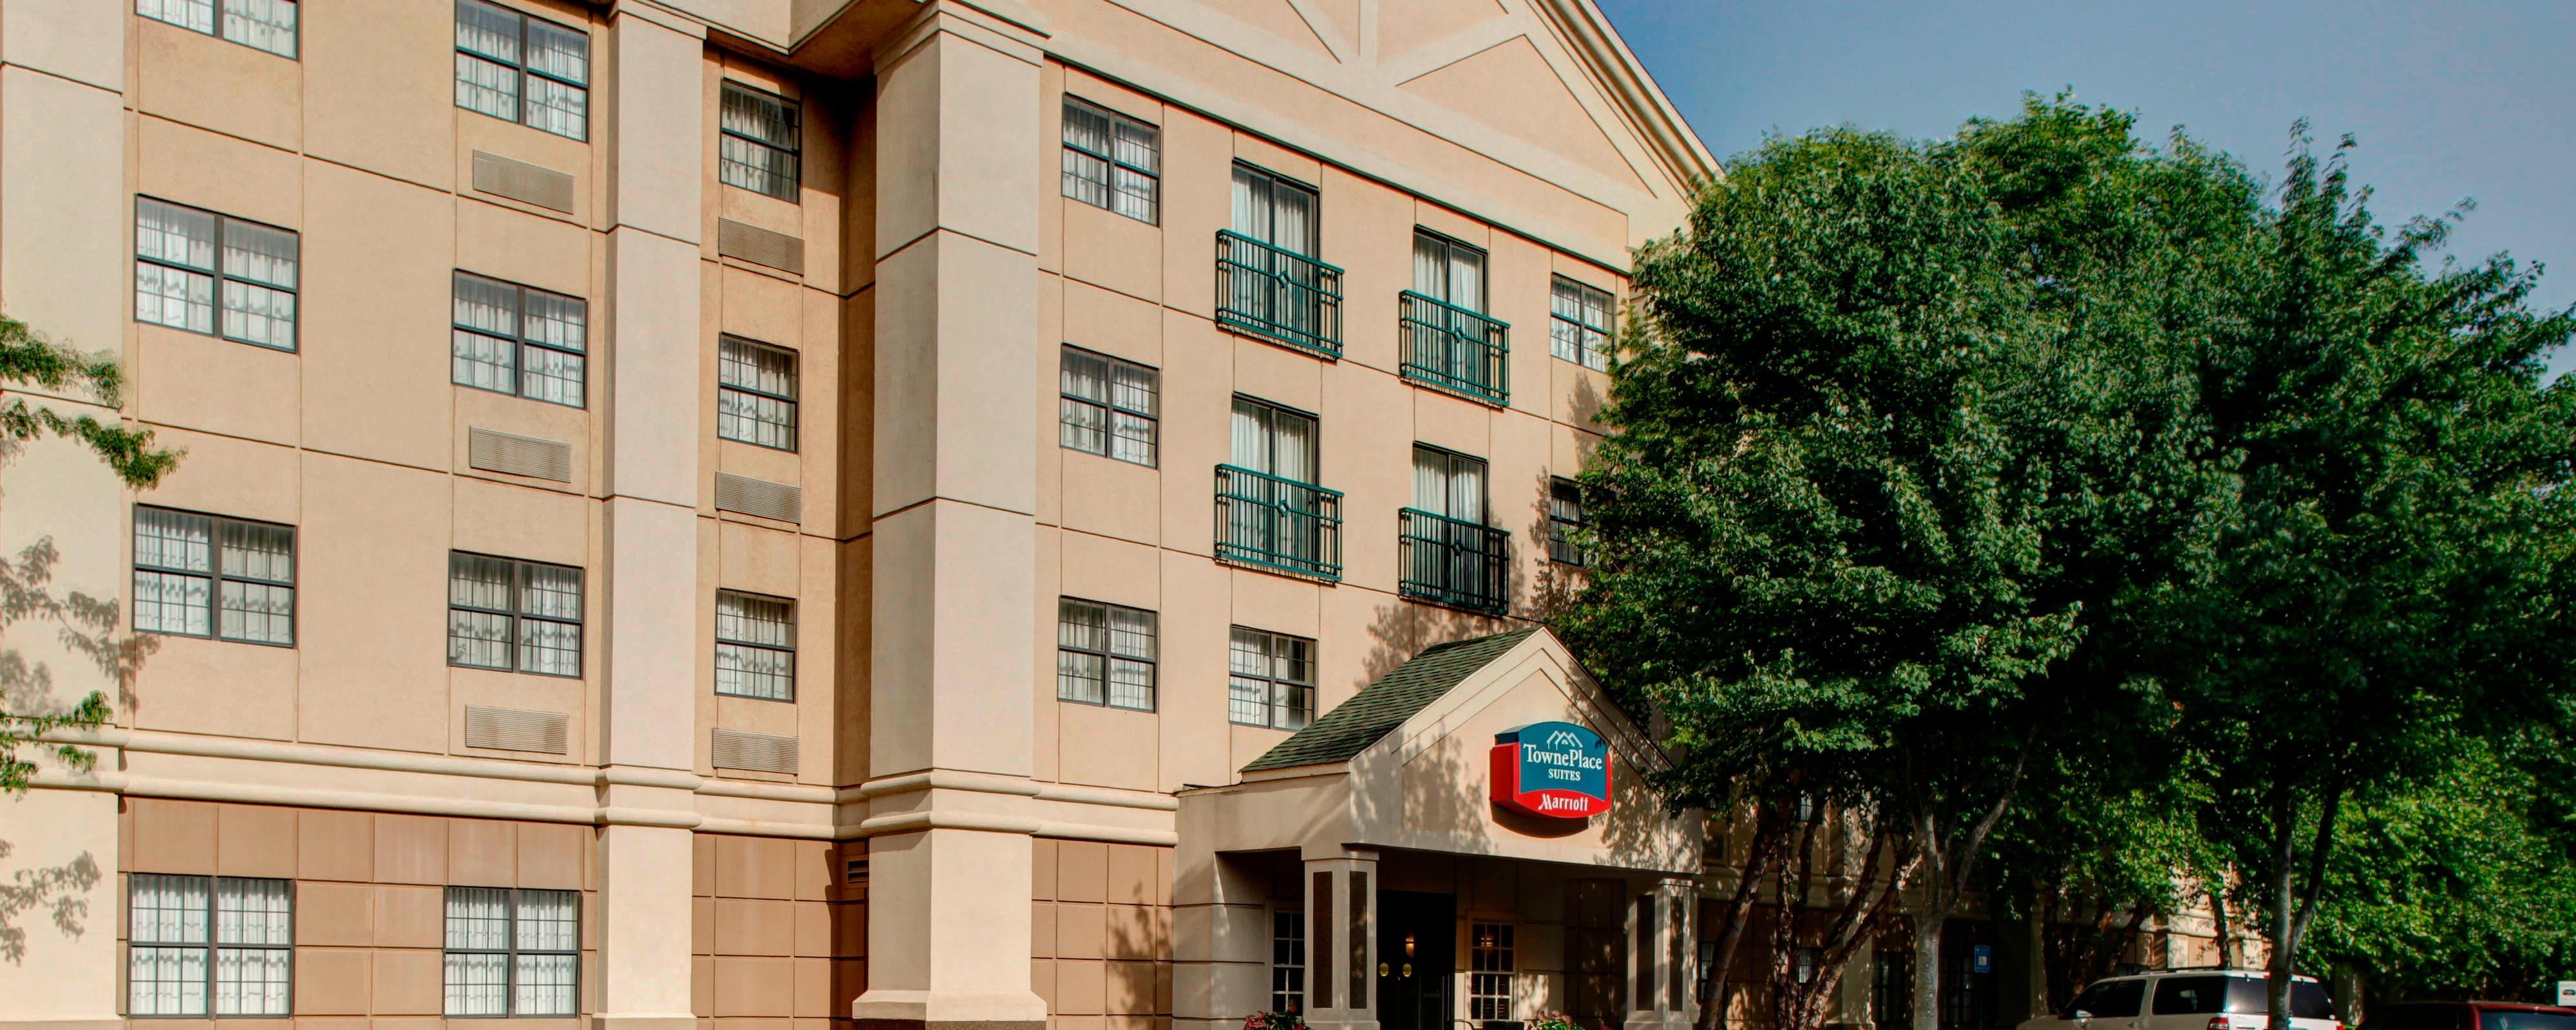 Captivating Atlanta Buckhead Hotels Design